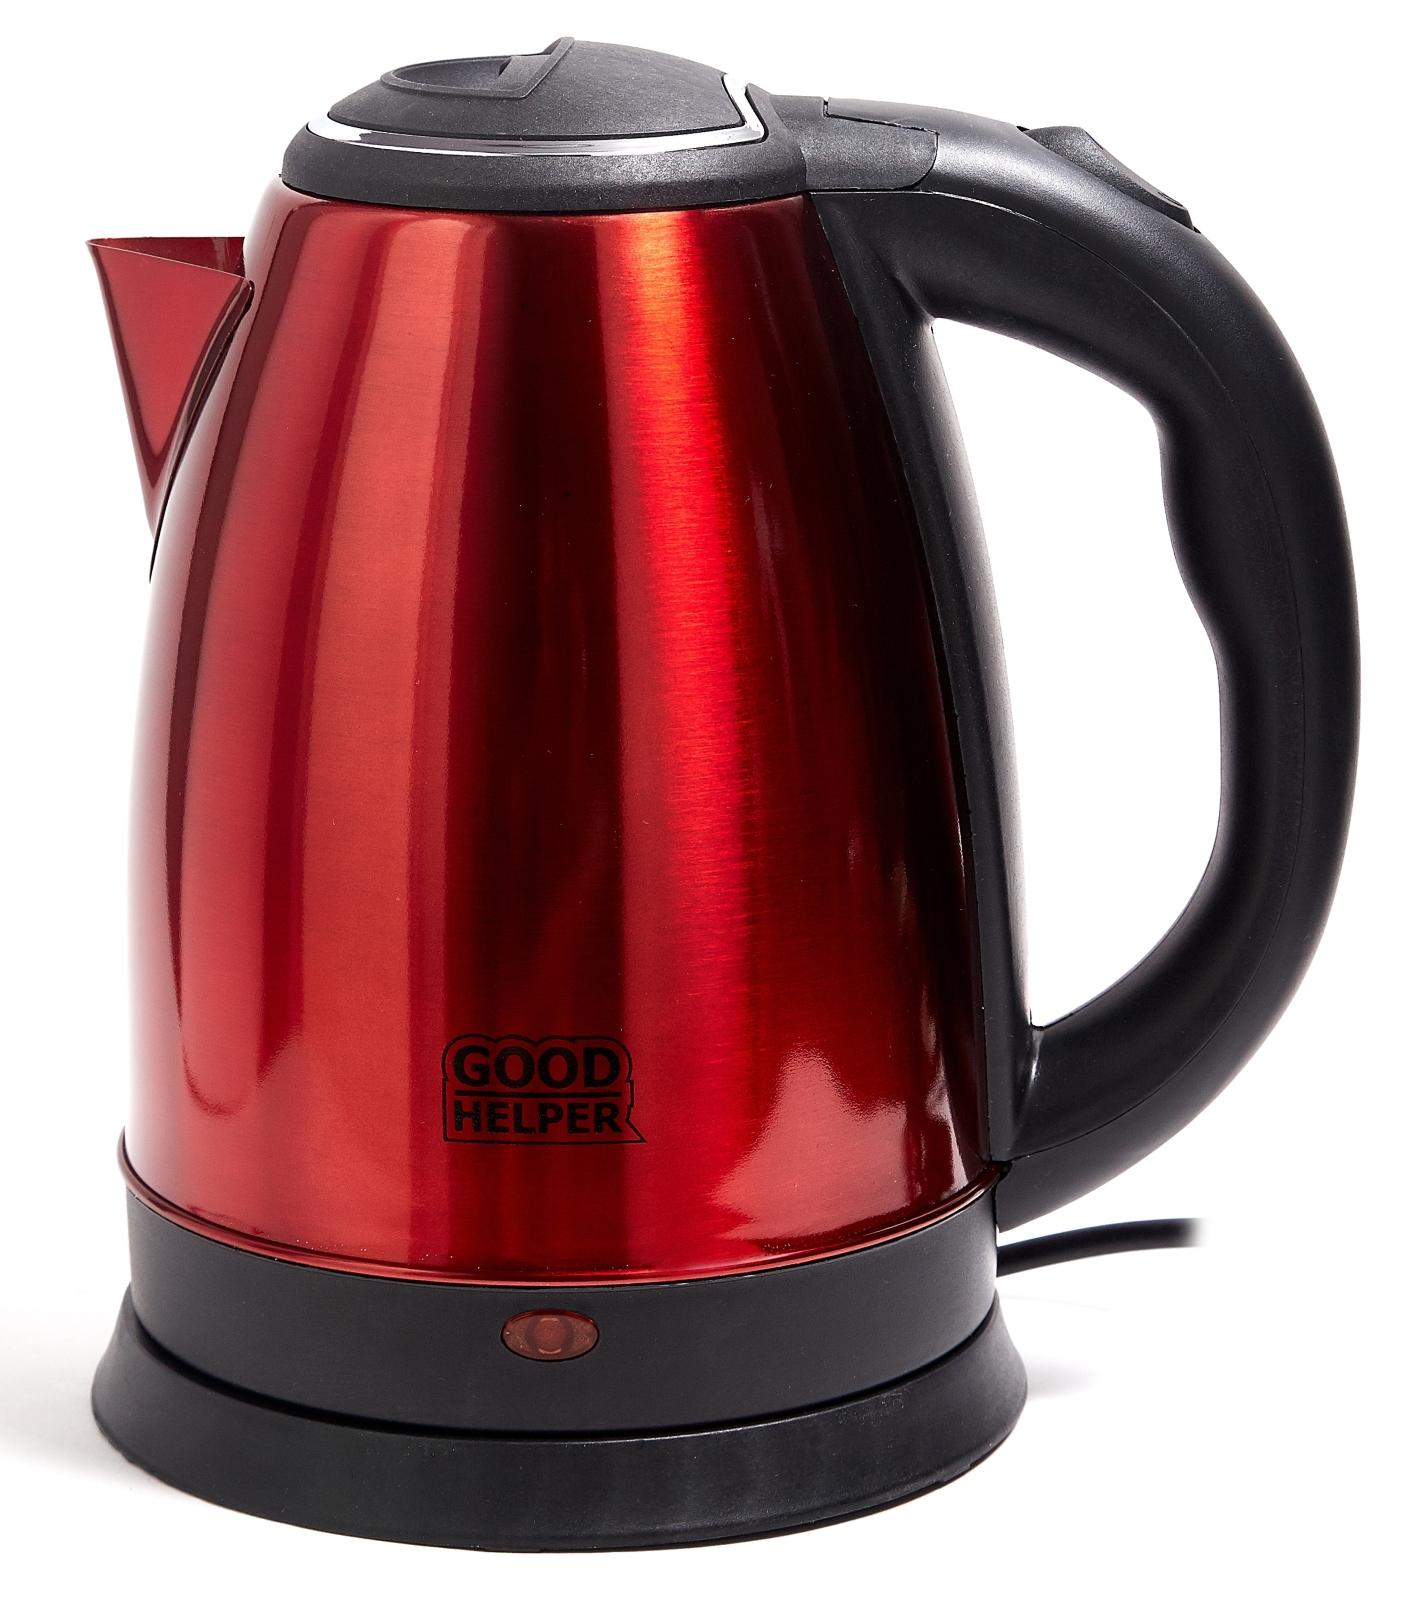 Электрический чайник GOODHELPER Чайник электрический GOODHELPER KS-181C красный, KS-181C красный, красный цена